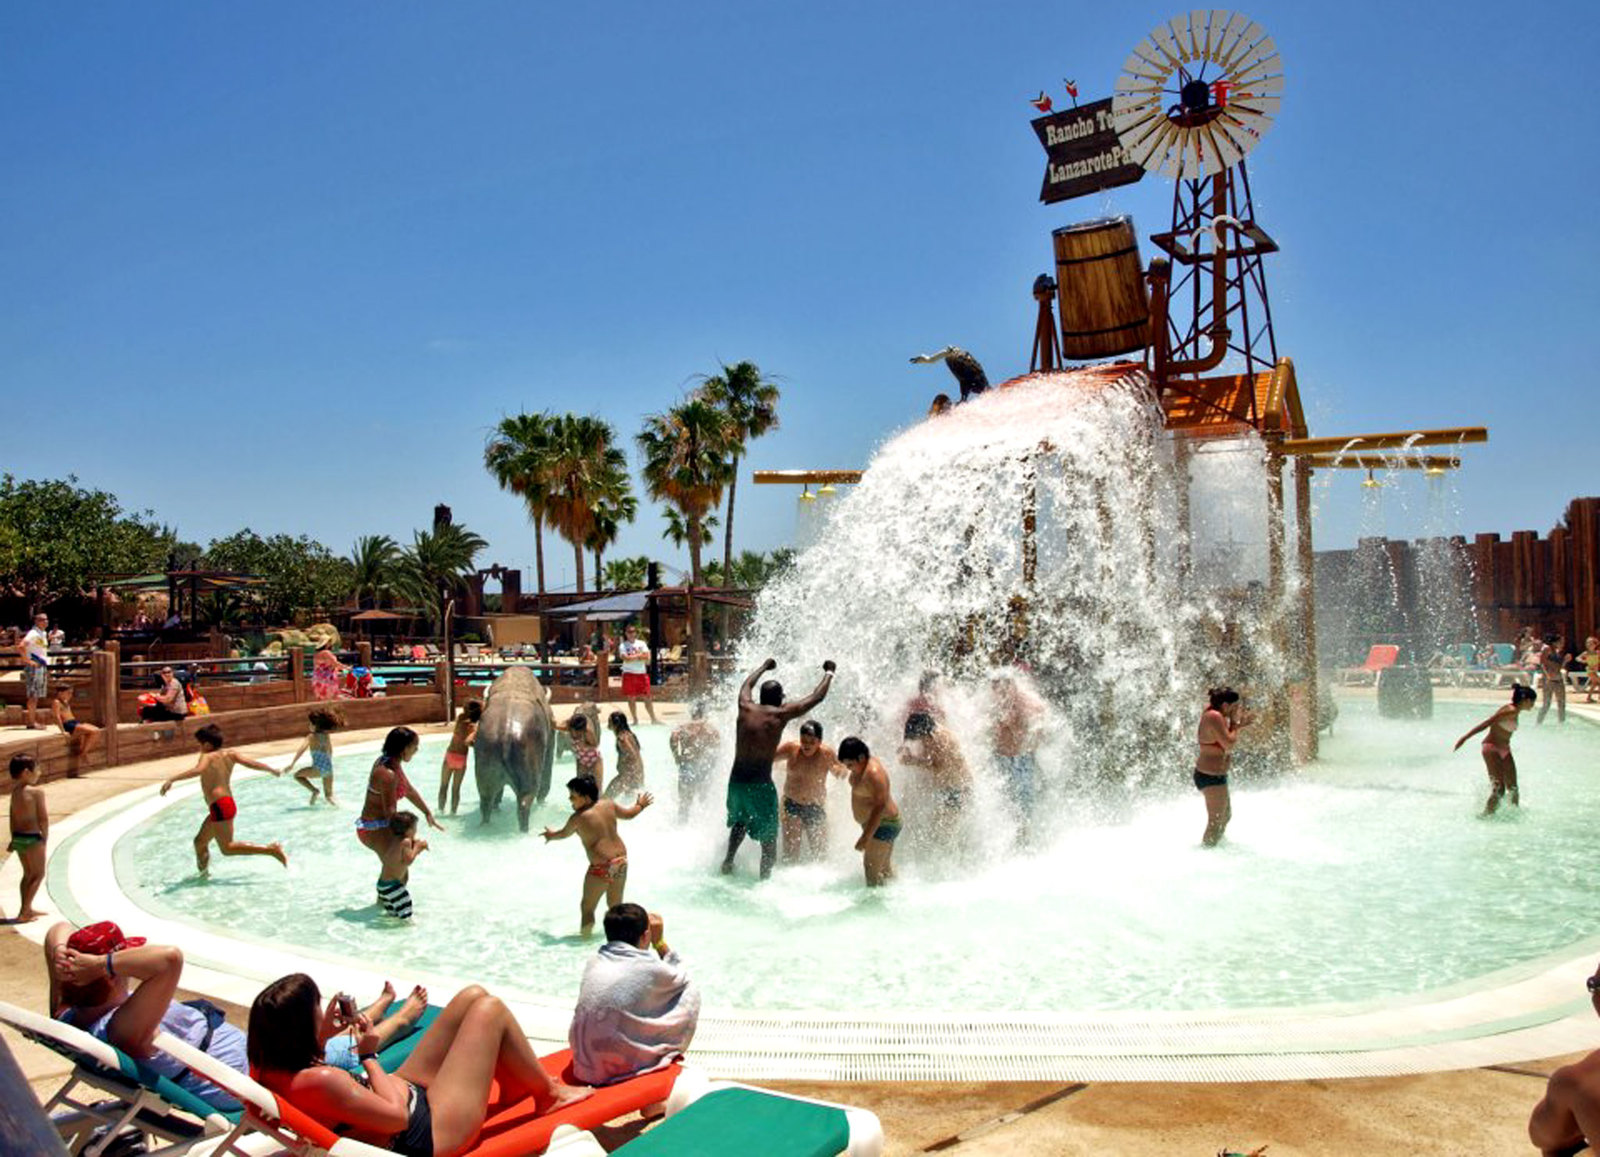 El corral del agua del Rancho Texas Park Lanzarote